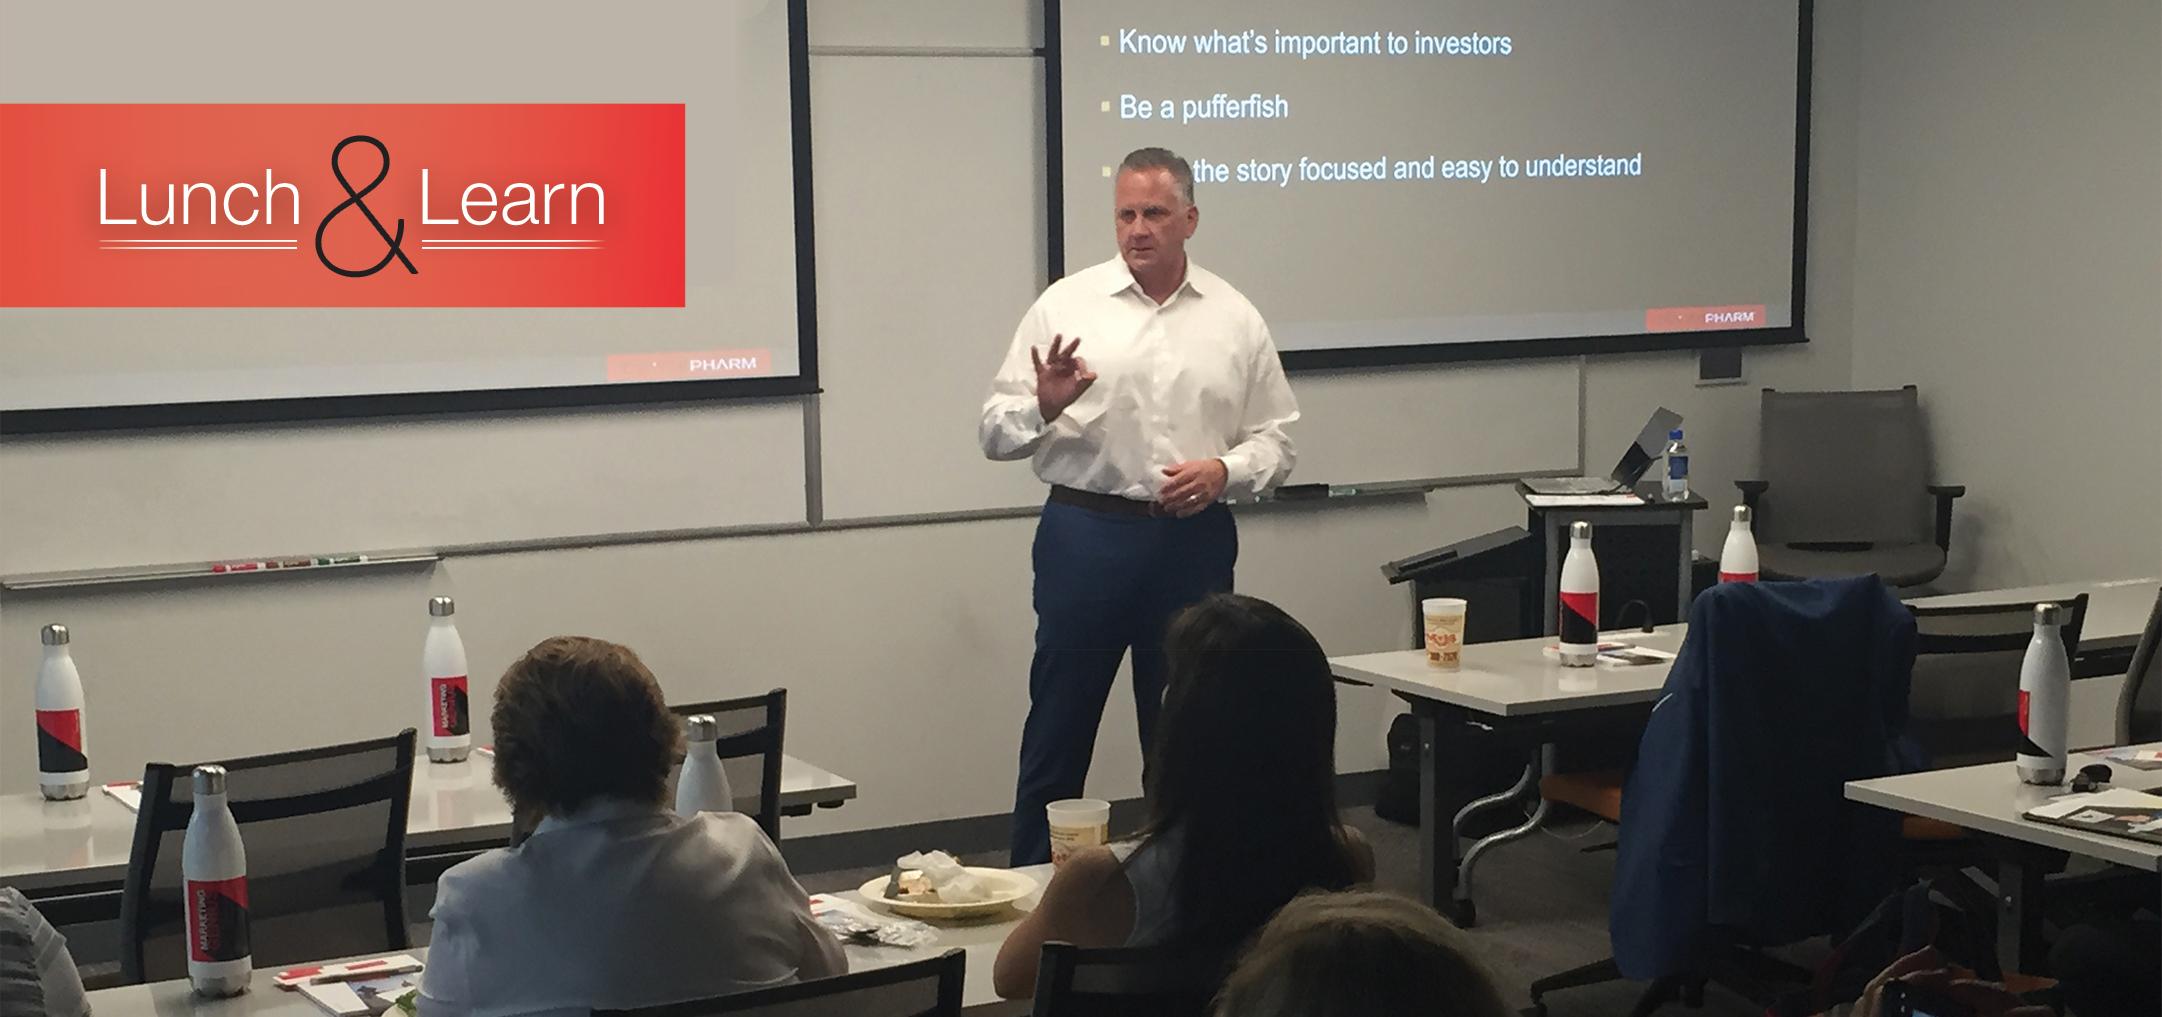 Lunch & Learn Presentation in Austin, TX